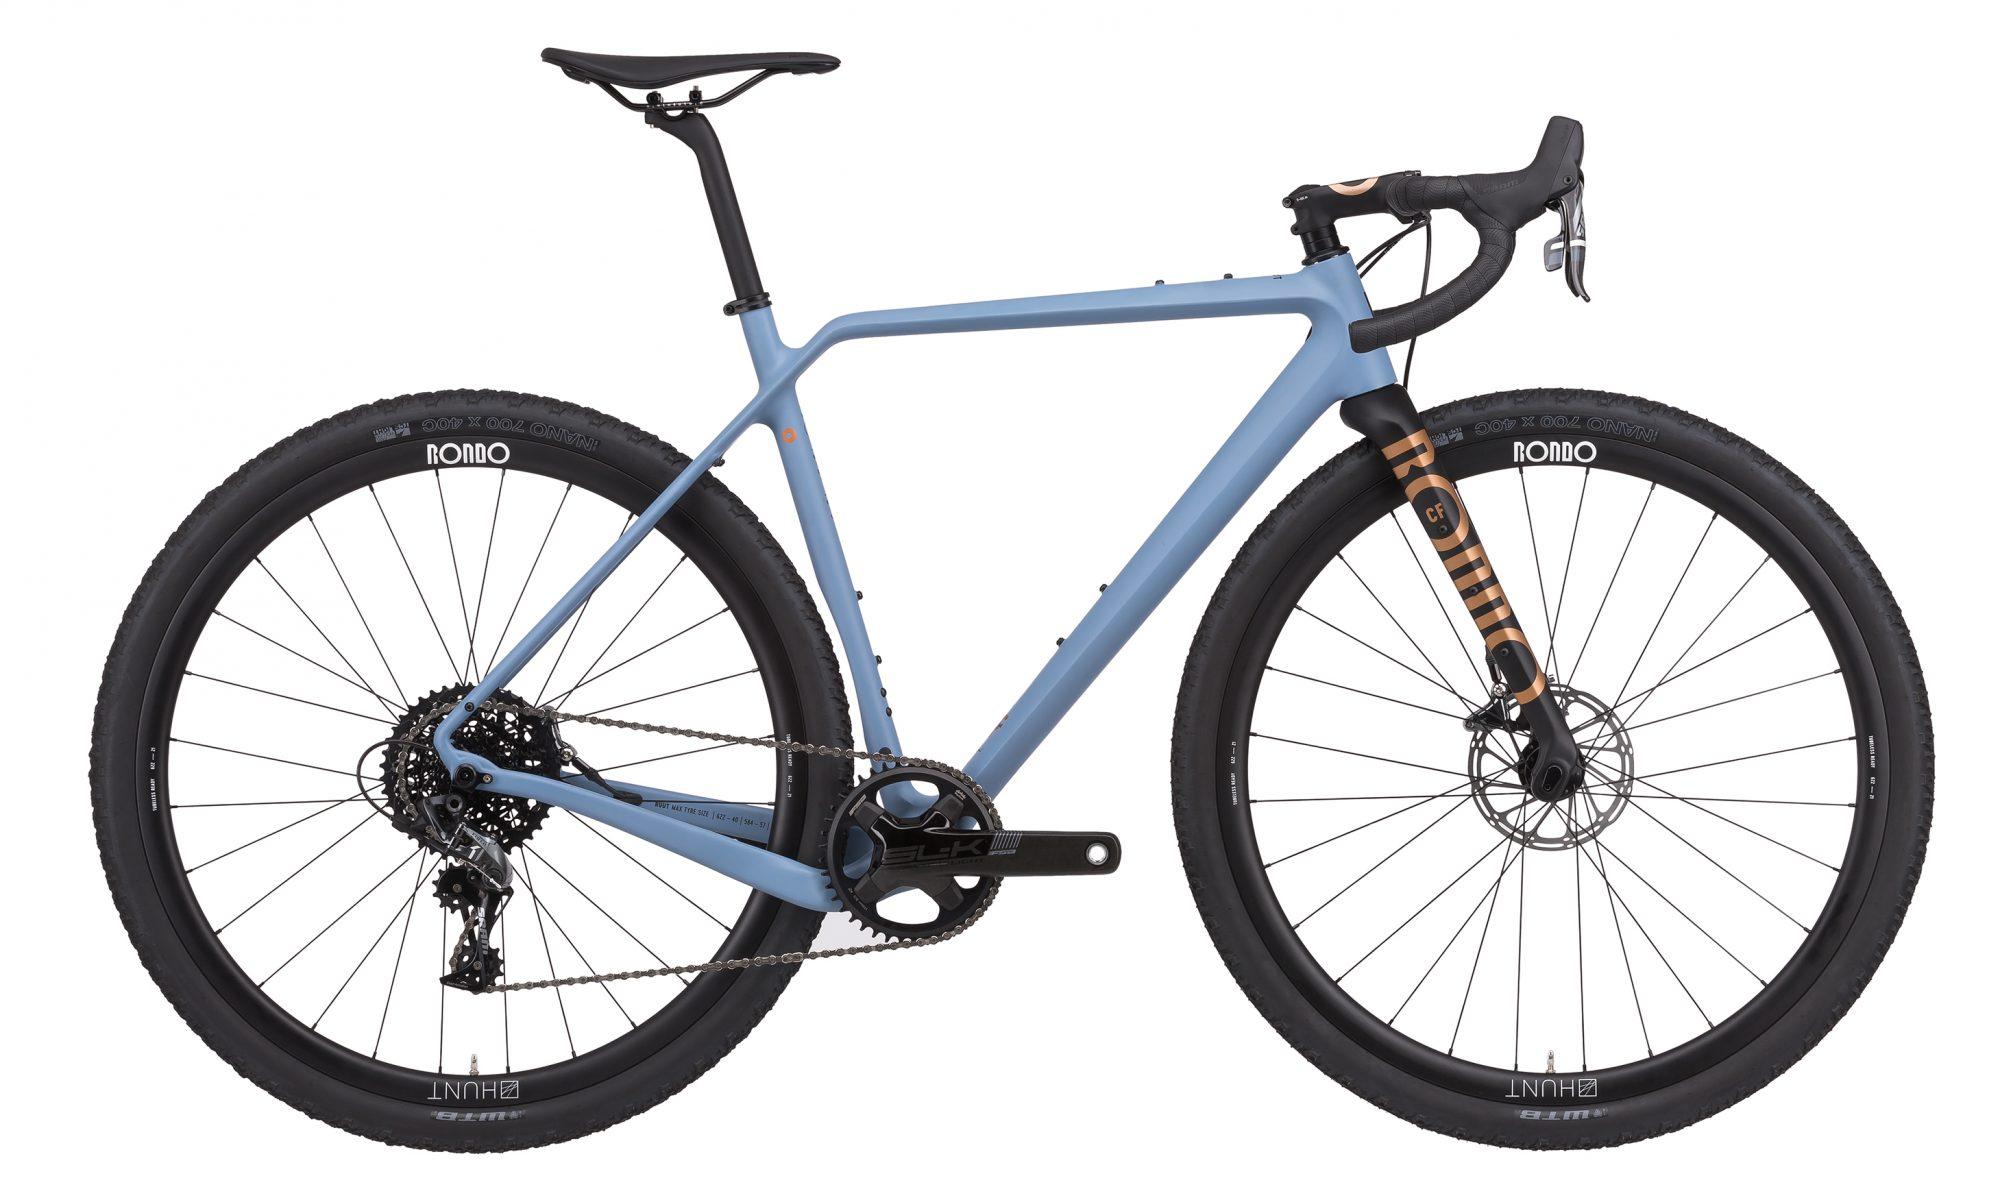 Rondo Ruut CF Gravel bike